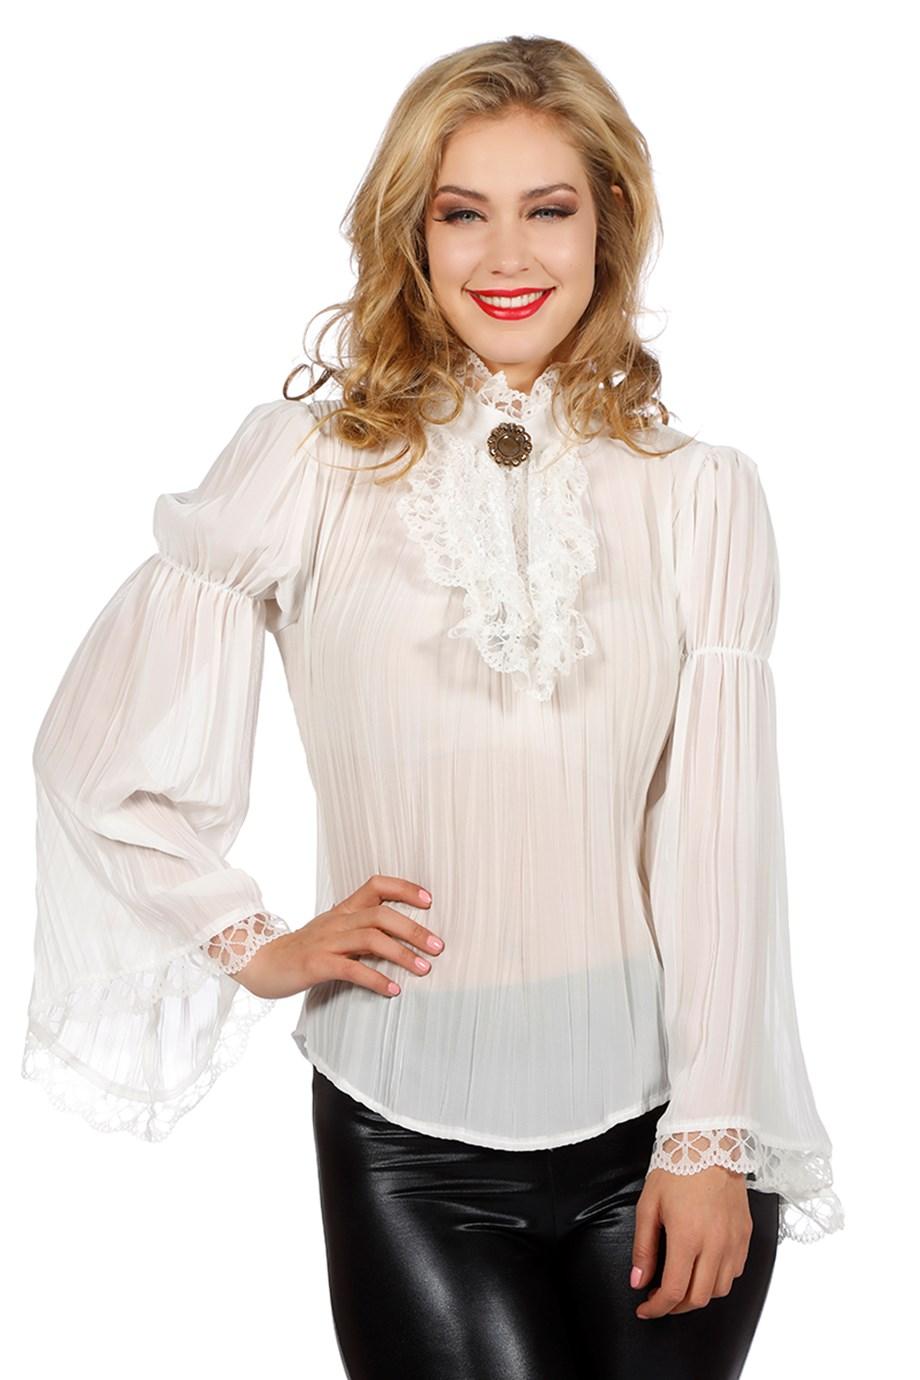 Piraten/Gothic blouse ecru-0